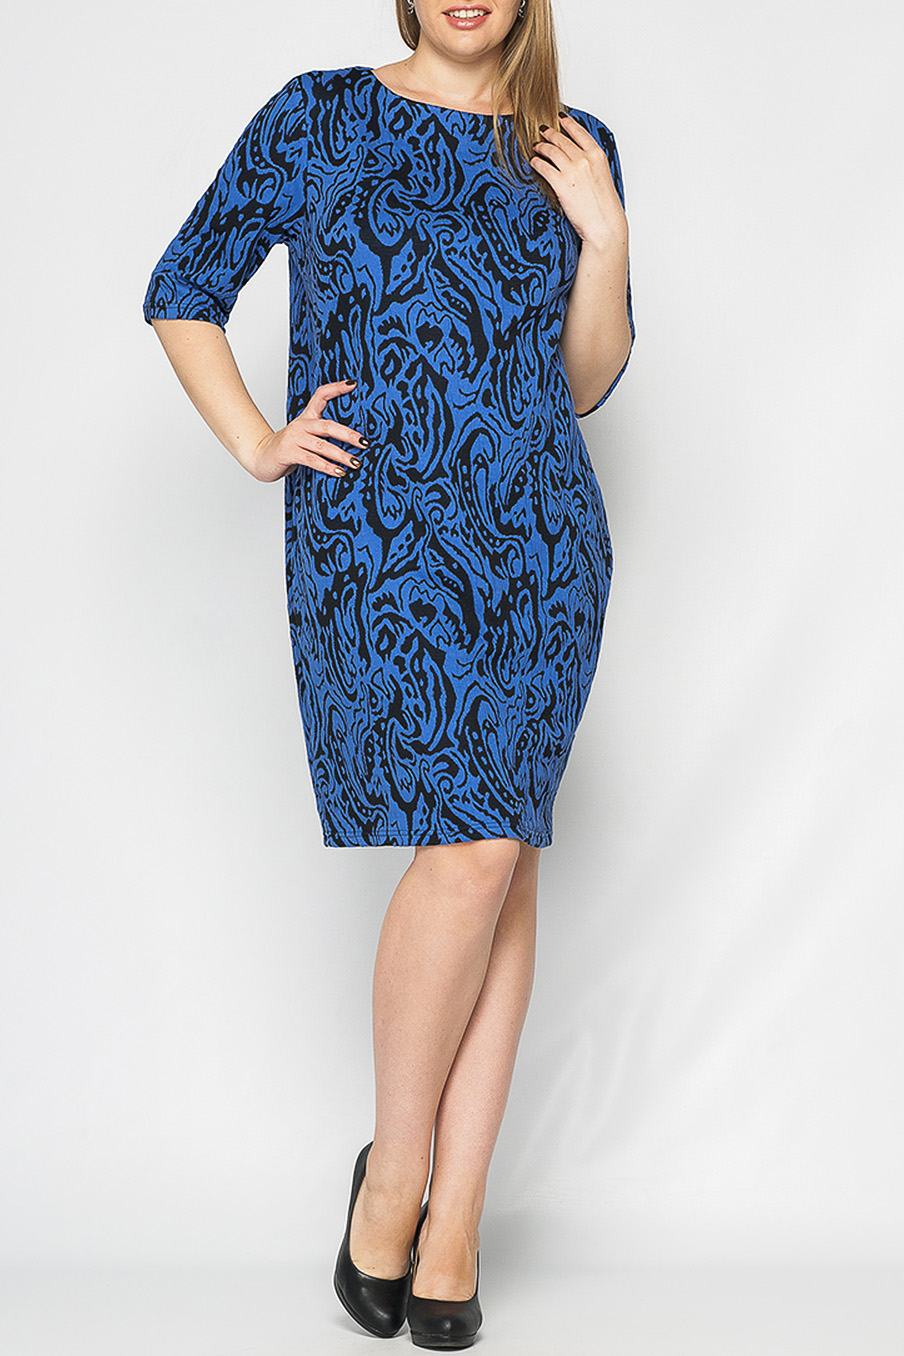 ПлатьеПлатья<br>Платье женское из трикотажа, О-образного силуэта. Рукав втачной, до локтя. Горловина круглая, обработана обтачкой.   Параметры изделия:  для 46 размера: обхват груди - 98 см. обхват по линии бедер - 106 см. длина изделия - 92,5 см.  для 50 размера: обхват груди - 106 см. обхват по линии бедер - 114 см. длина изделия - 94 см.  Рост девушки-фотомодели 170 см  Цвет: синий, черный<br><br>Горловина: С- горловина<br>По длине: До колена<br>По материалу: Трикотаж<br>По рисунку: С принтом,Цветные<br>По силуэту: Свободные<br>По стилю: Повседневный стиль<br>Рукав: До локтя<br>По сезону: Осень,Весна,Зима<br>Размер : 42,44,46<br>Материал: Трикотаж<br>Количество в наличии: 3